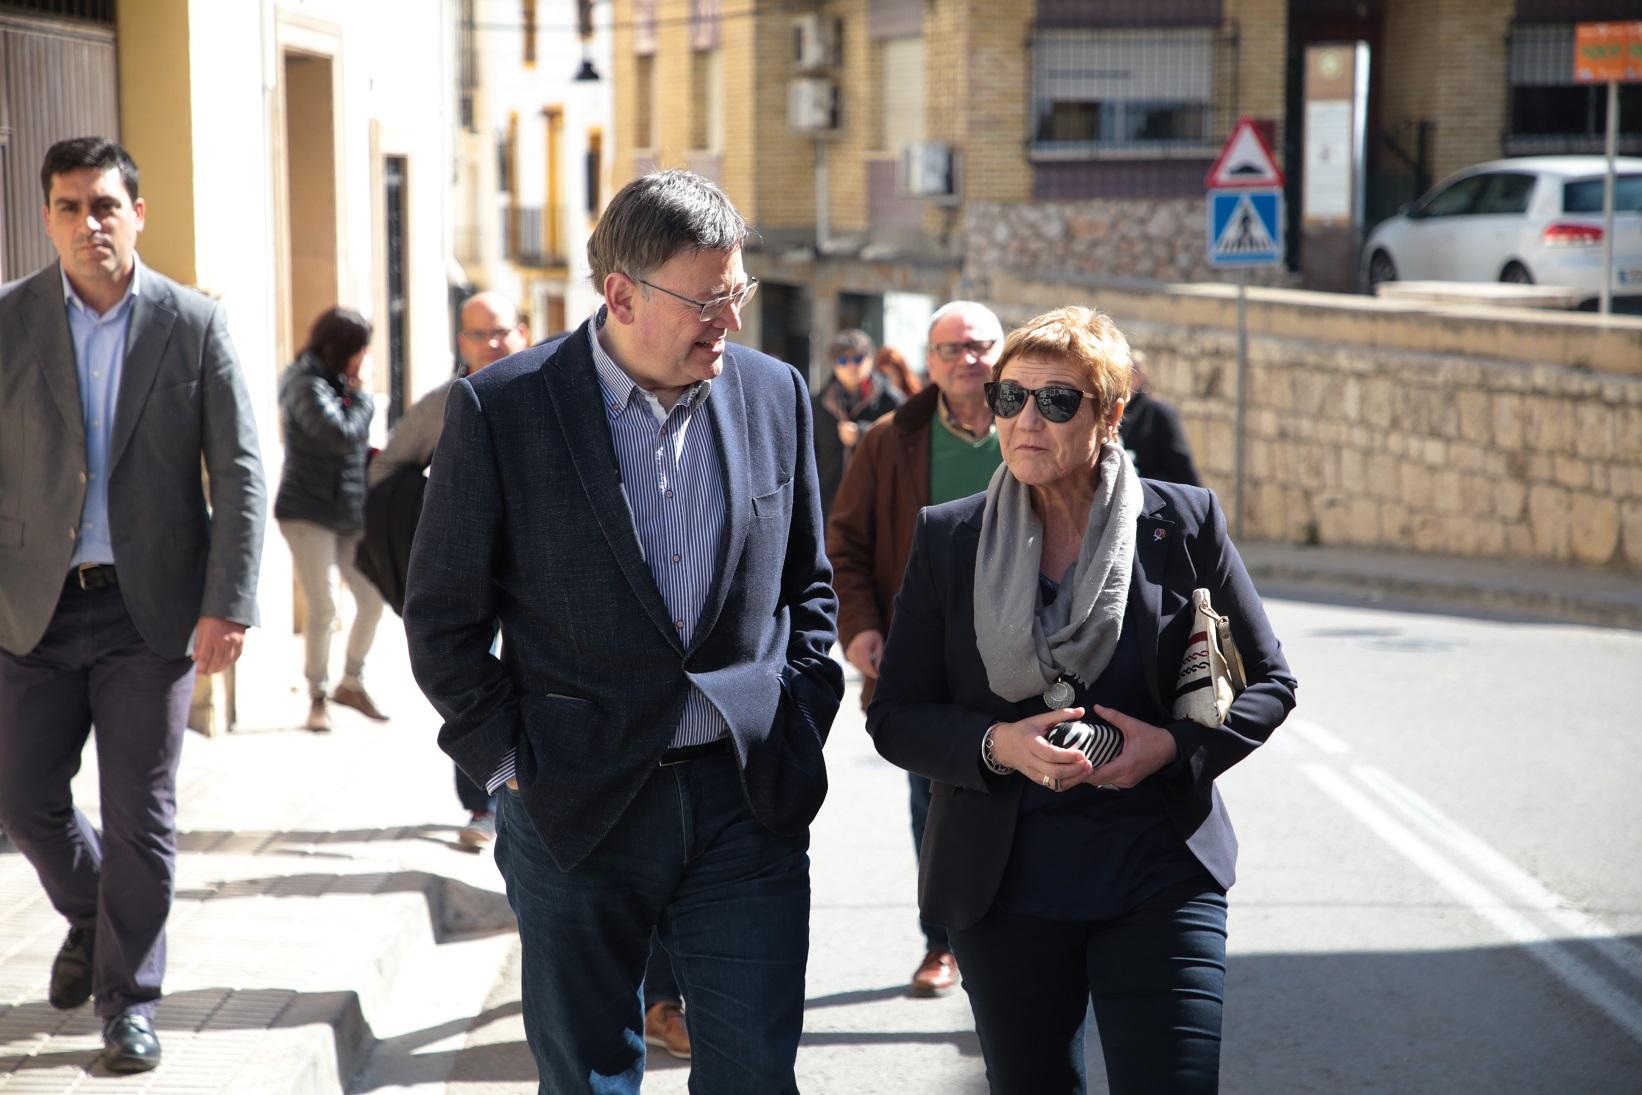 El President de la Generalitat, Ximo Puig, con la alcaldesa de Alborache durante su visita al mercado de la localidad.